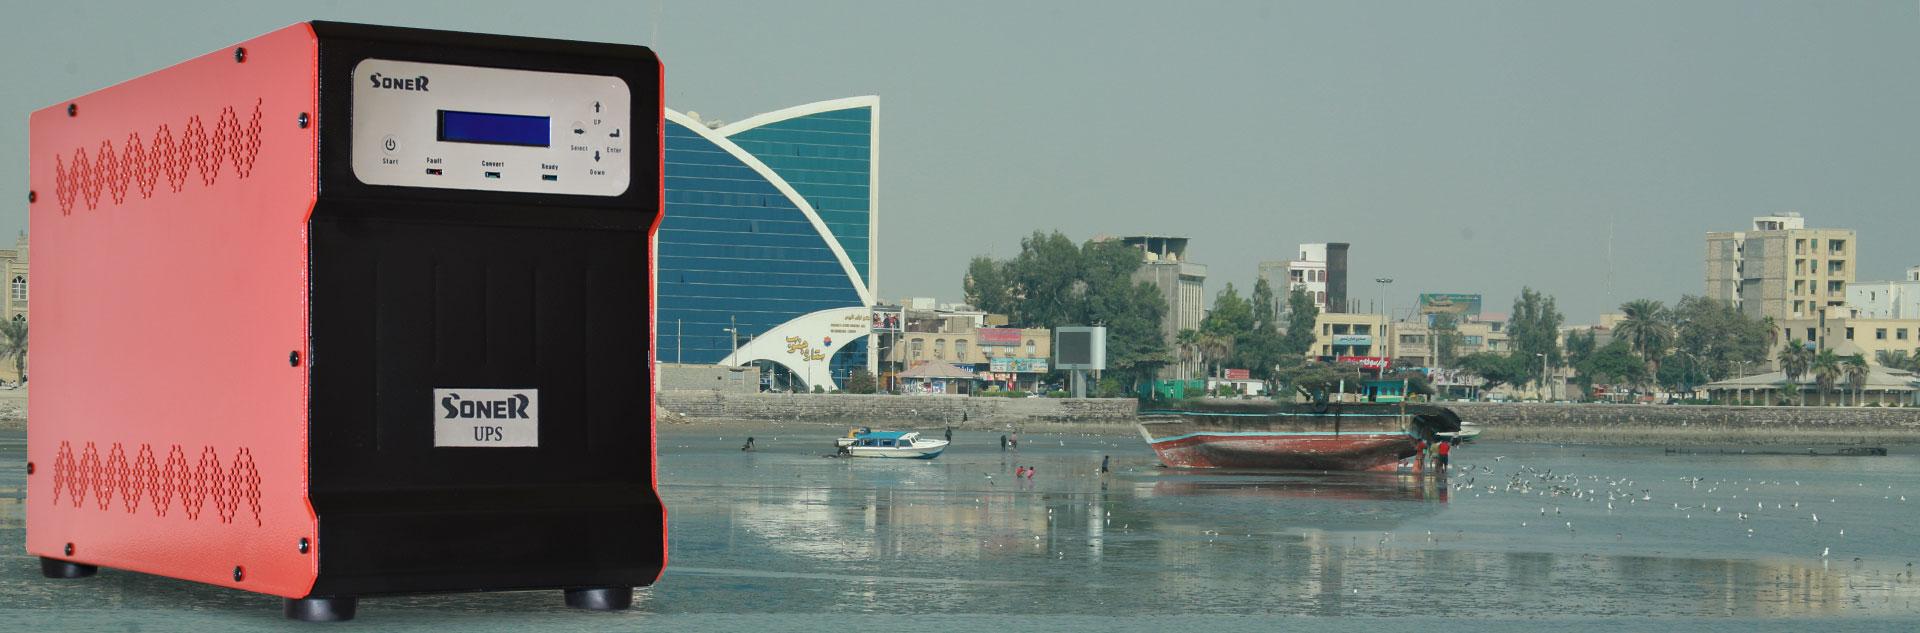 فروش دستگاه یو پی اس ایرانی سونر در بندرعباس